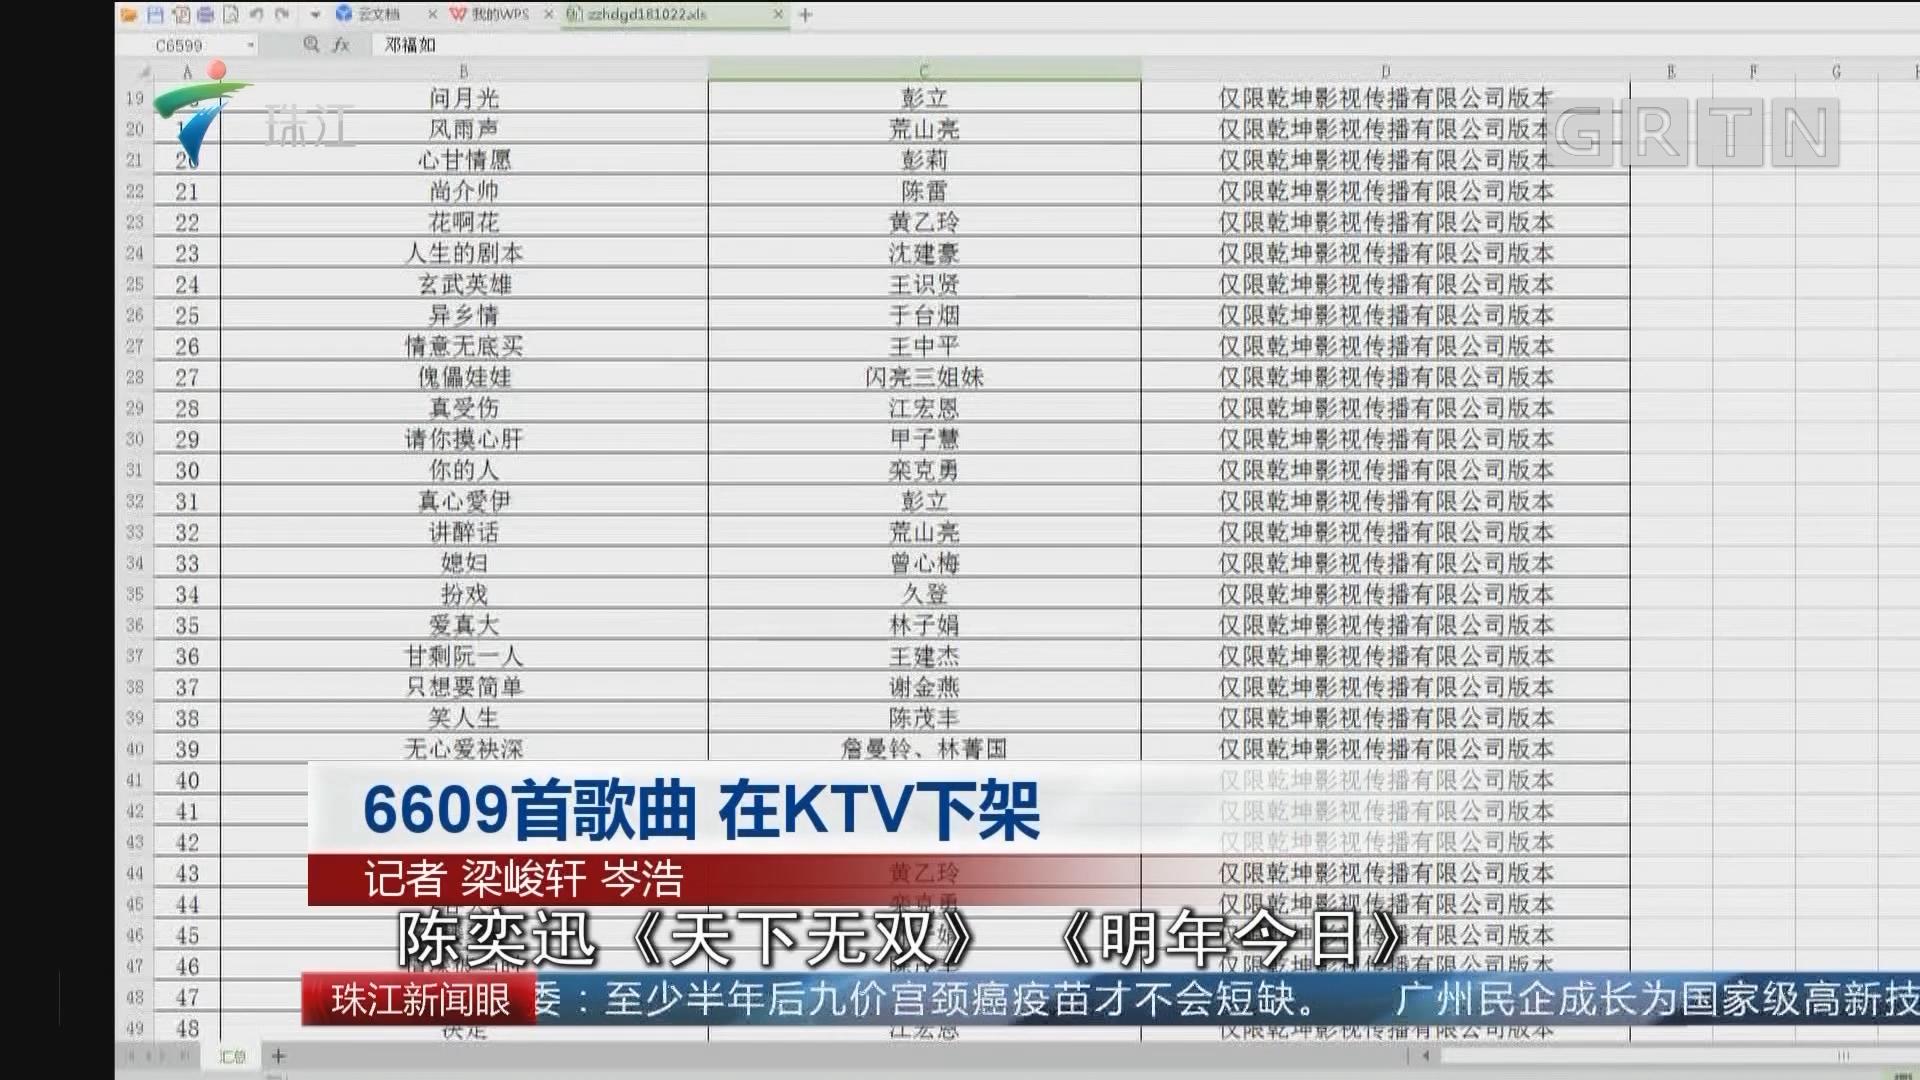 6609首歌曲 在KTV下架